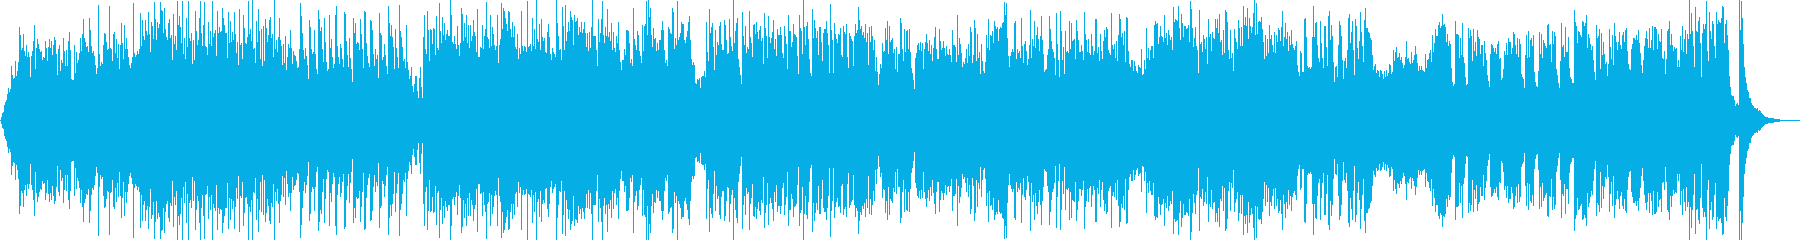 映画・ゲーム用バトルBGM31_Longの再生済みの波形